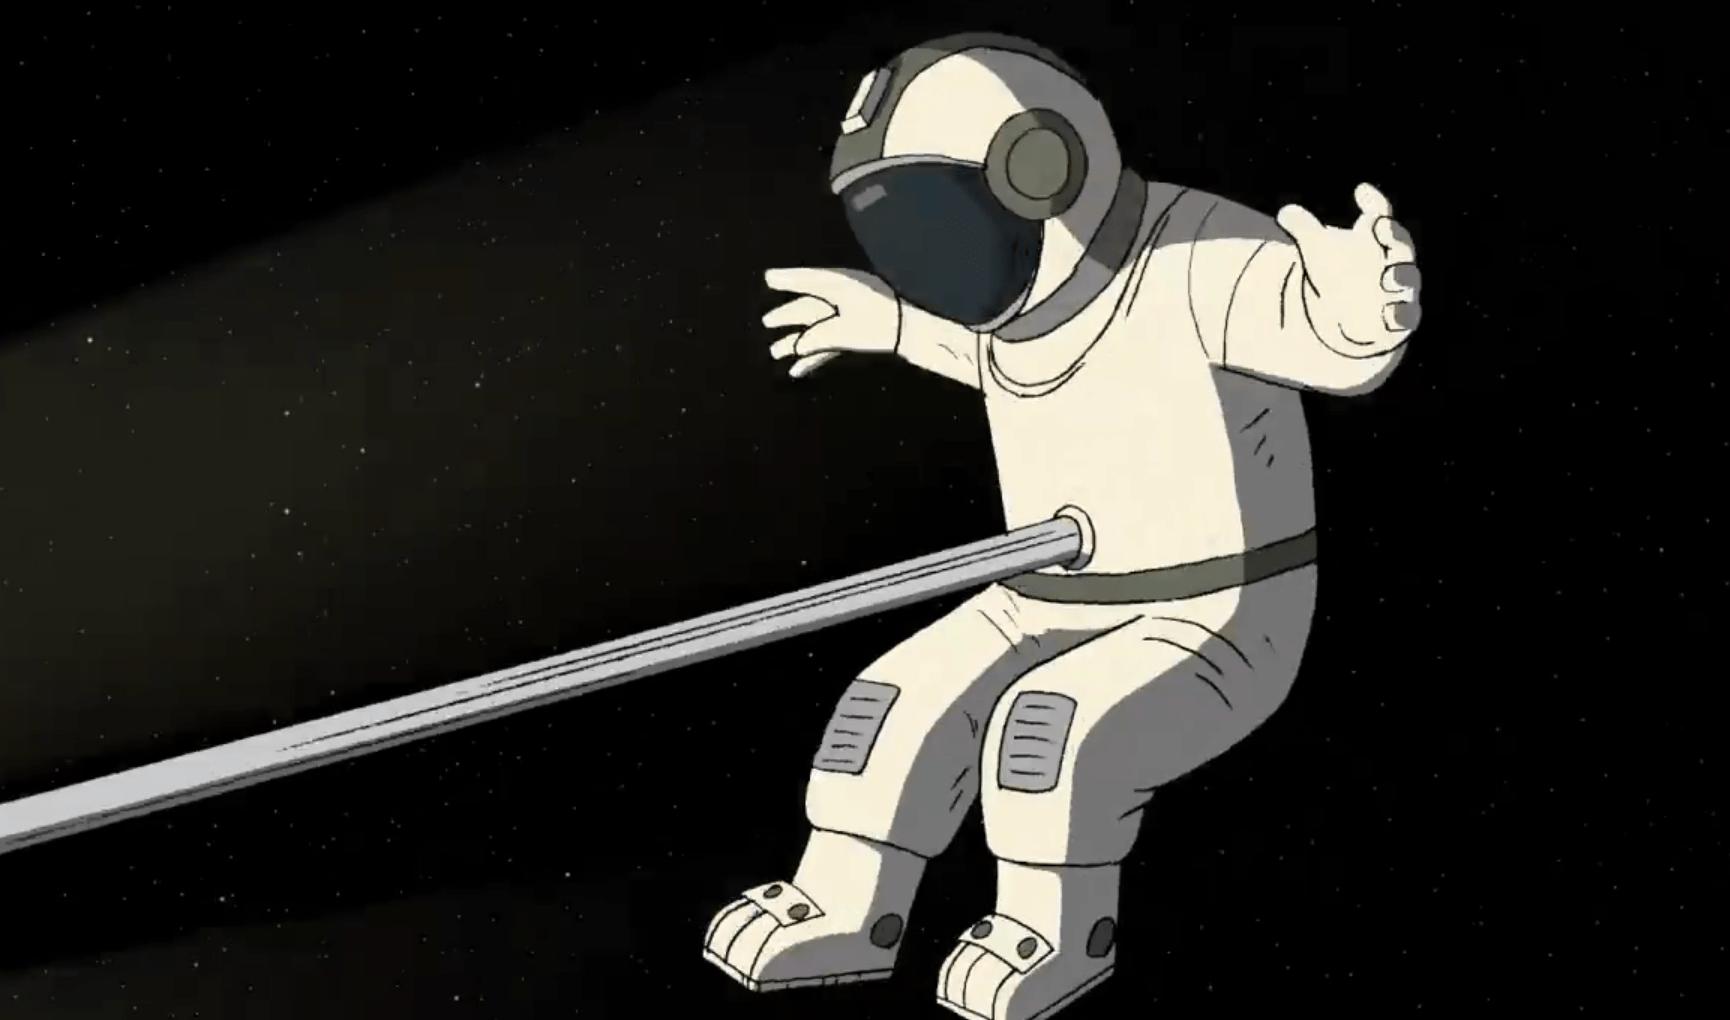 Константин Бронзит опубликовал трейлер мультфильма «Он не может жить без космоса»